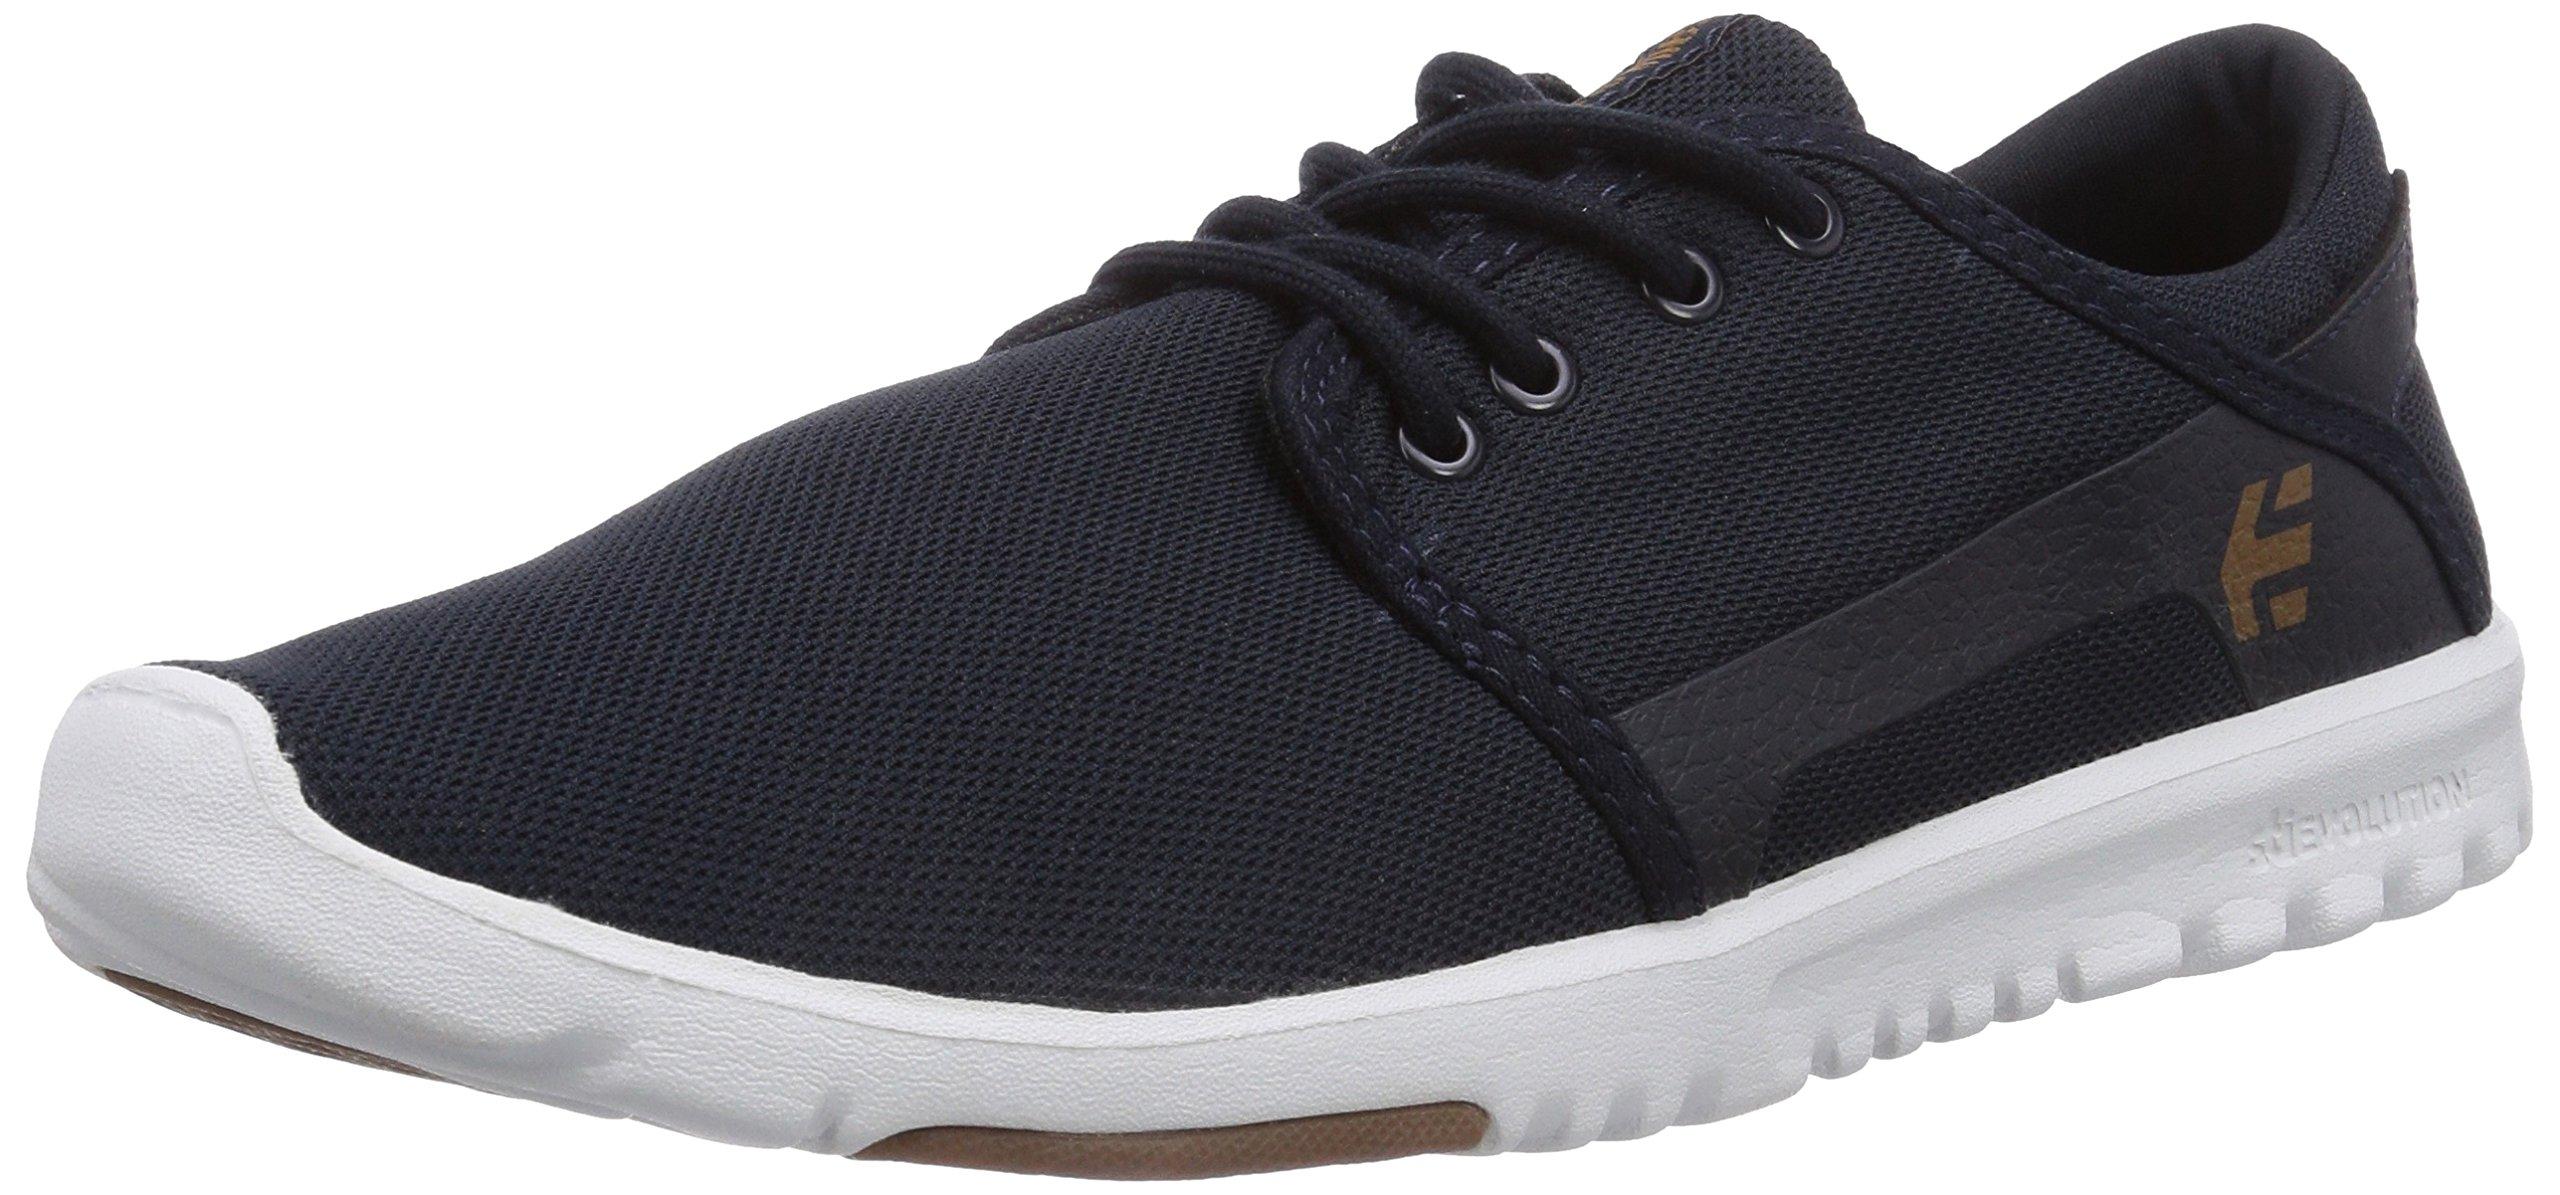 Scarpe casual da uomo  (TG. 45,5 EU) Etnies SCOUT 4101000419/488, Sneaker Uomo, Blu (Blue (B7M)